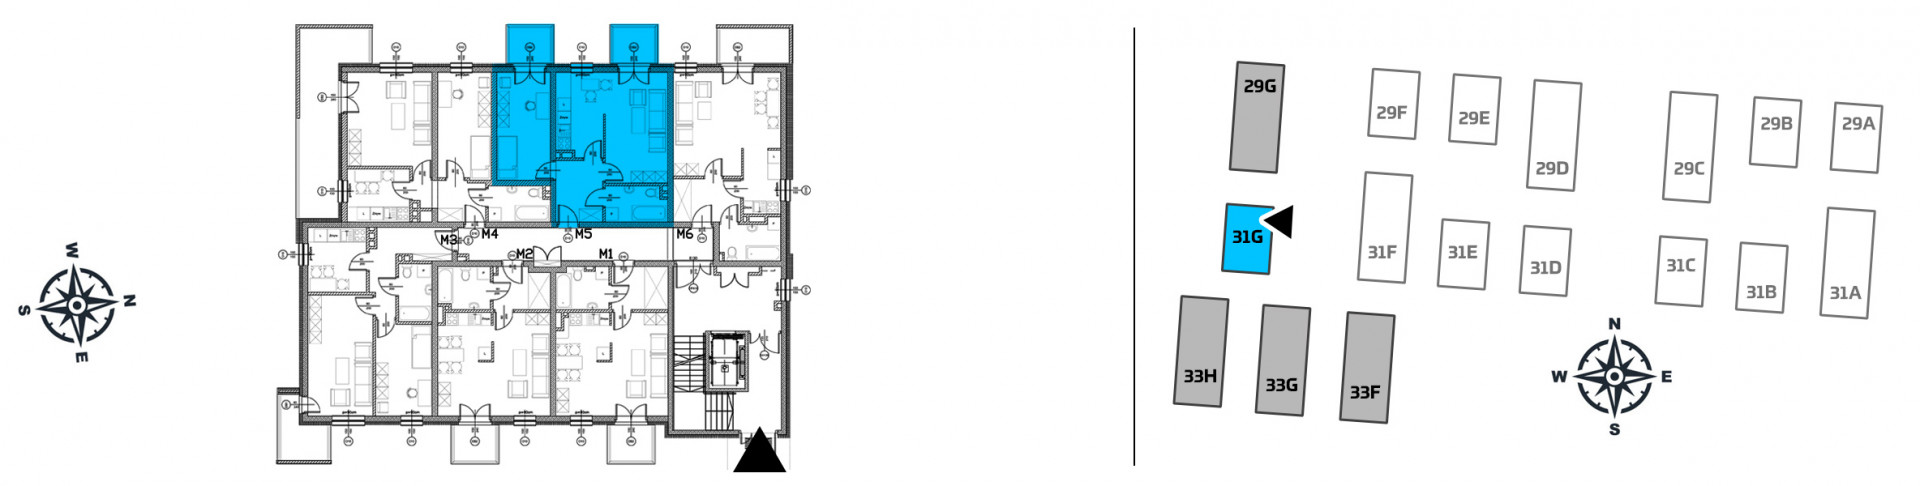 Mieszkanie dwupokojowe 31G/5 rzut 2